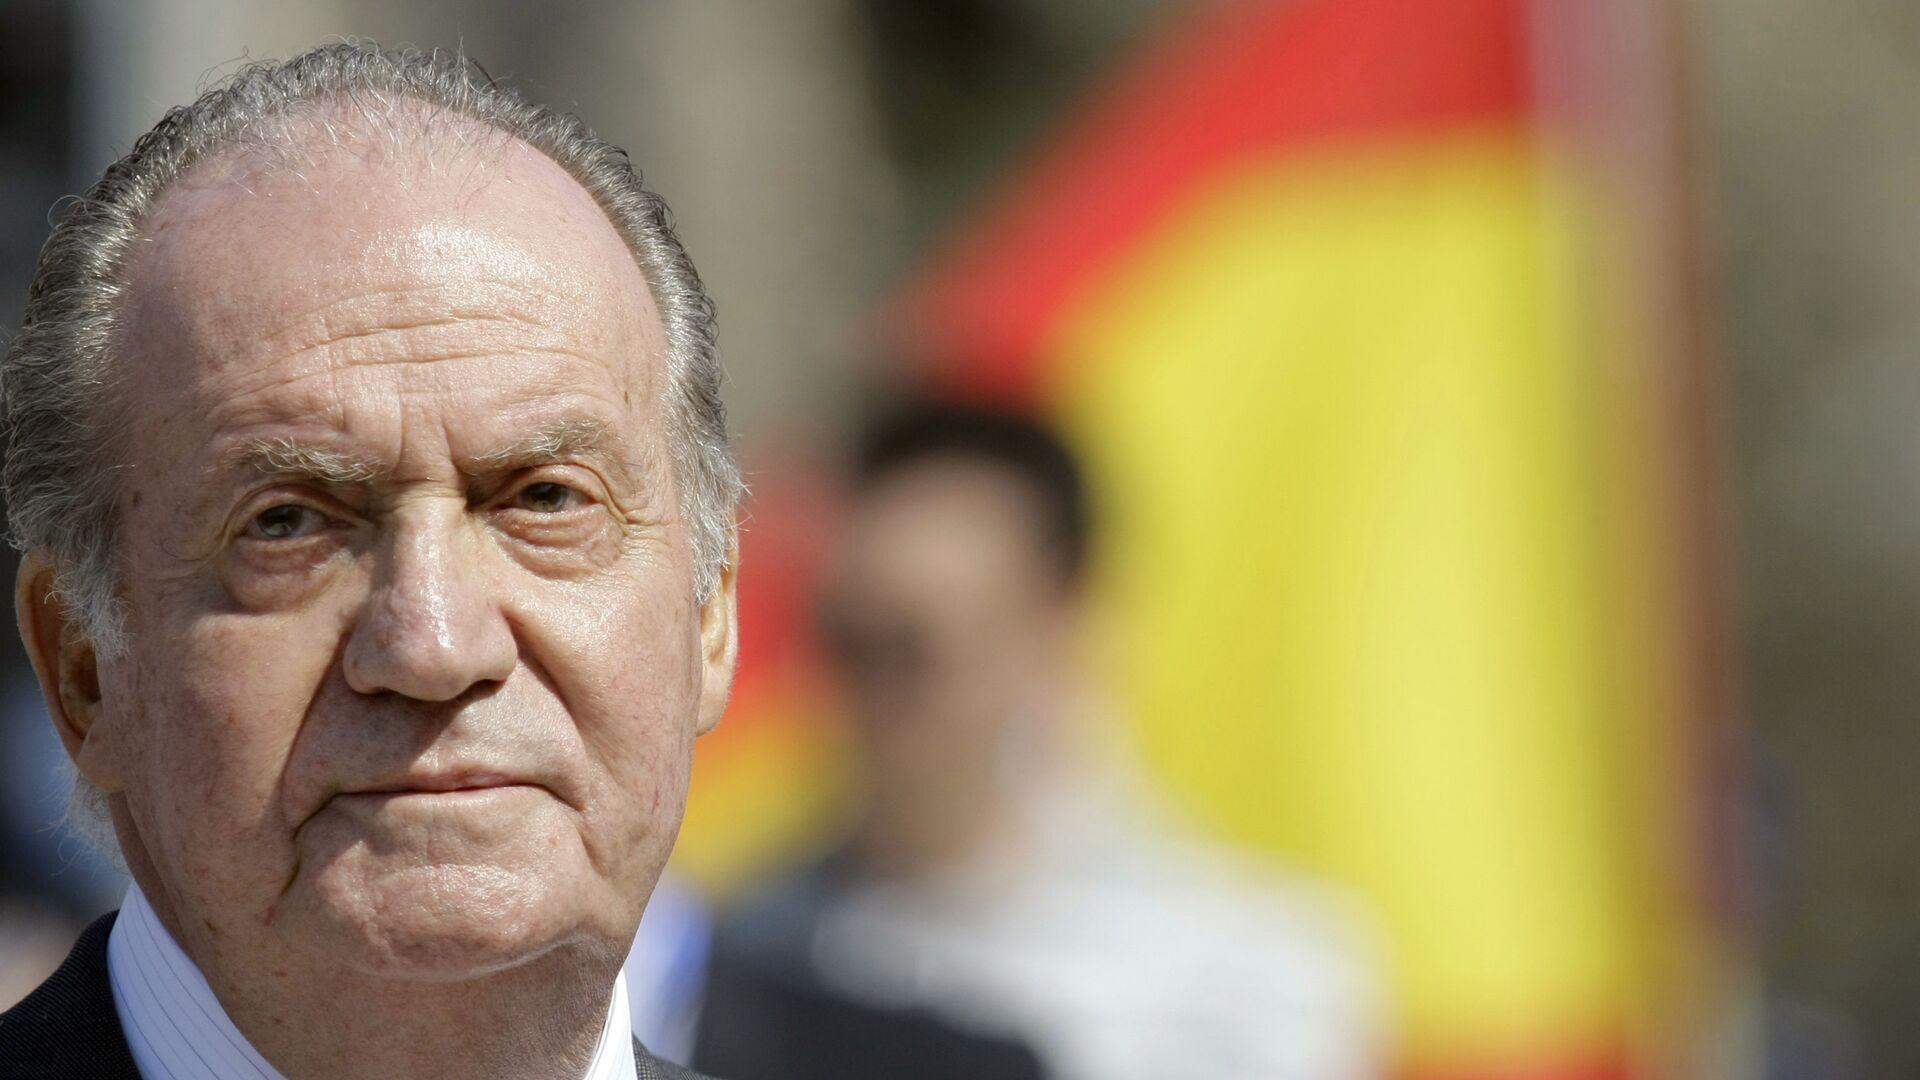 Juan Carlos I, el 29 de marzo de 2012 - Sputnik Mundo, 1920, 22.12.2020